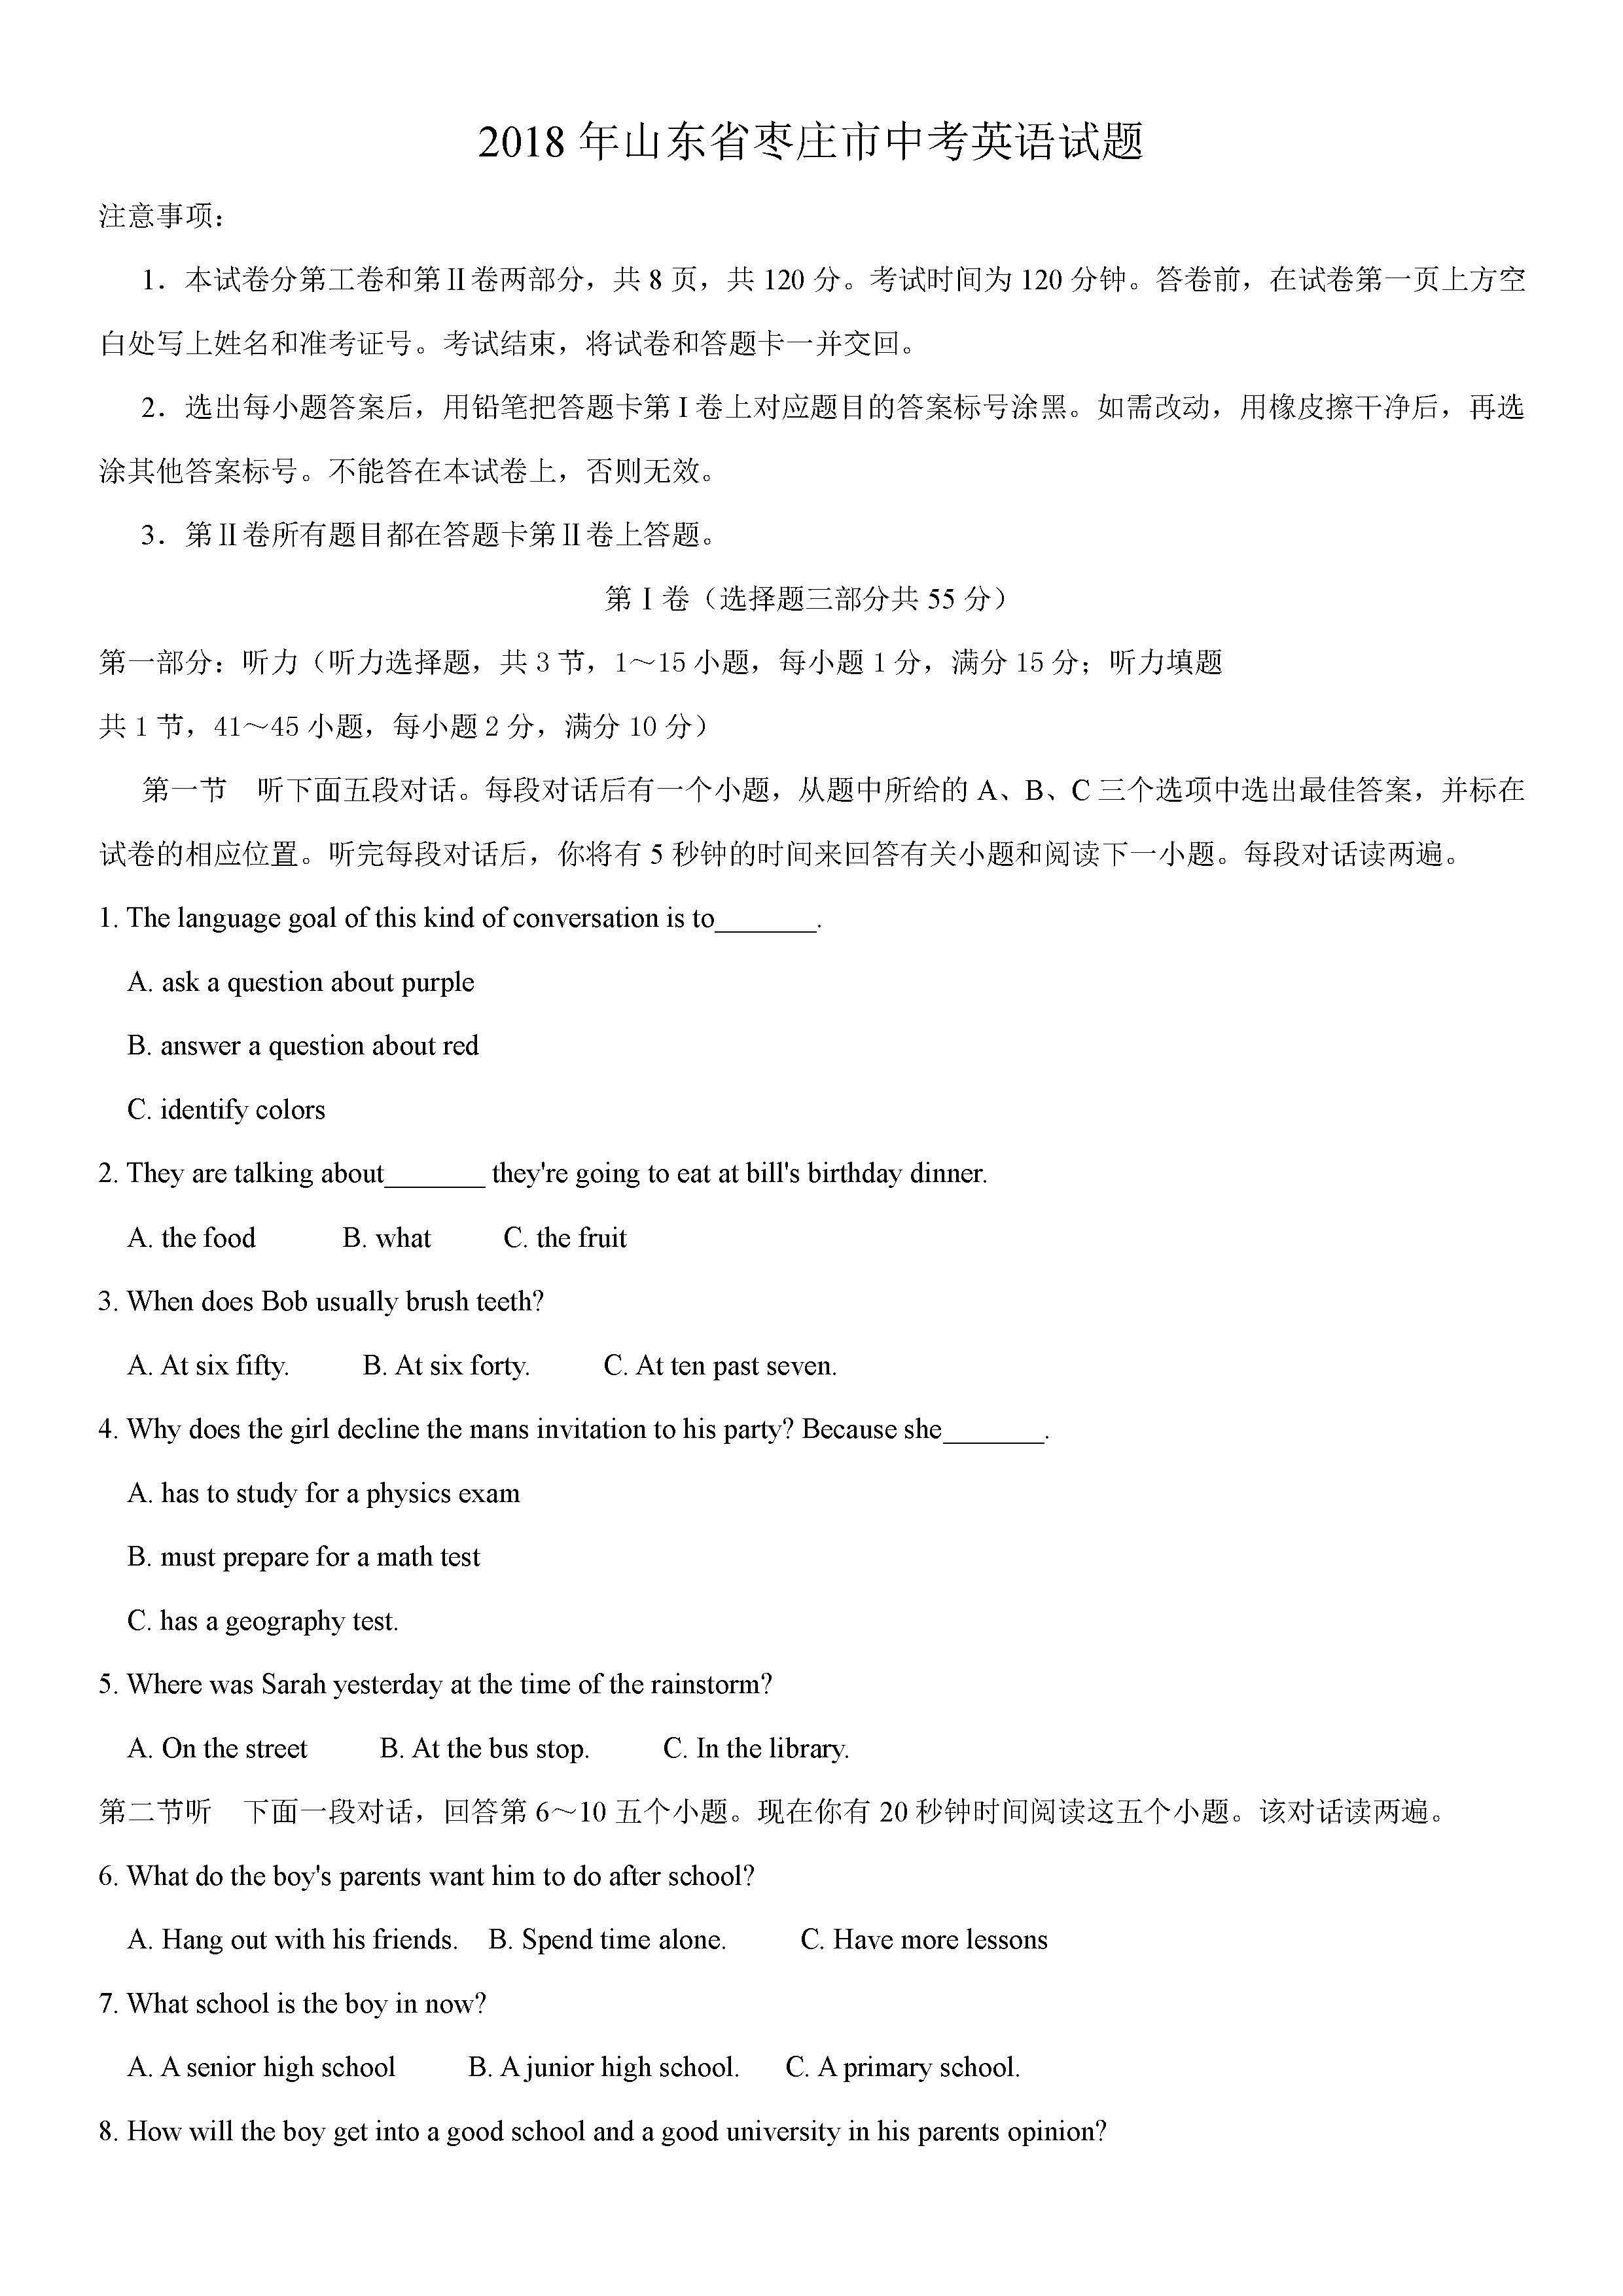 2018枣庄中考英语试题及答案解析